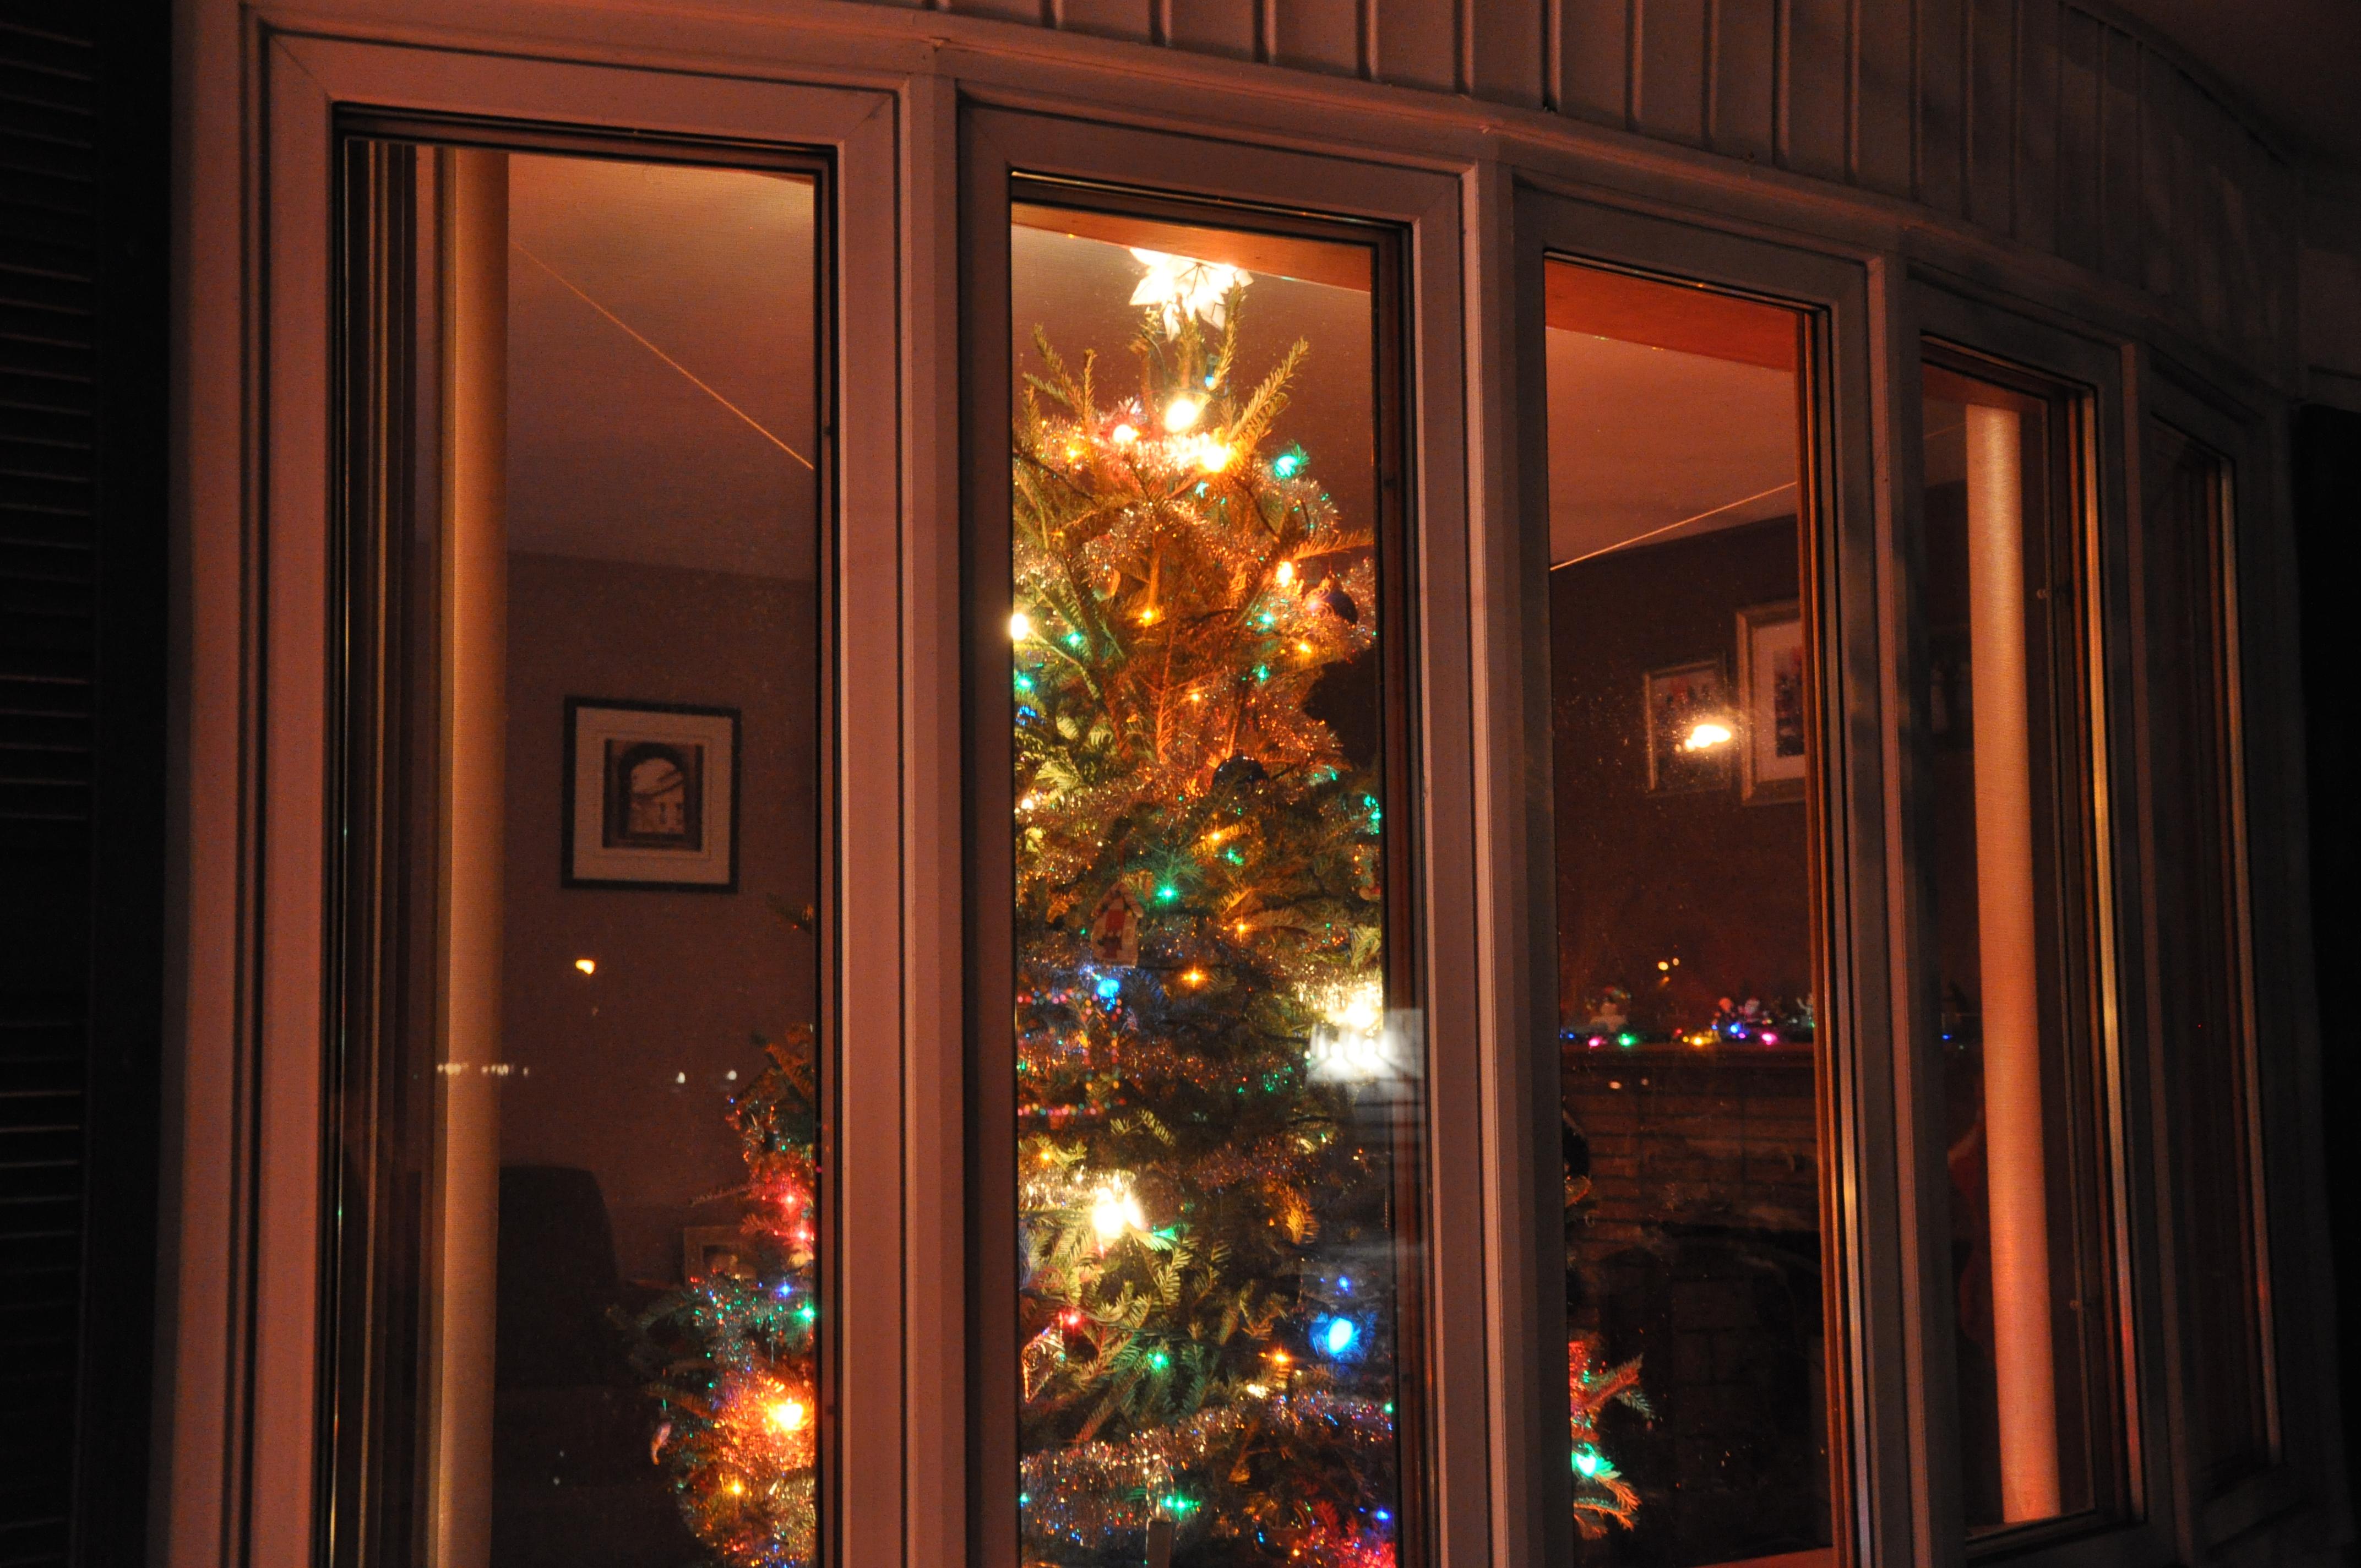 2010-12-24&25 Christmas 039